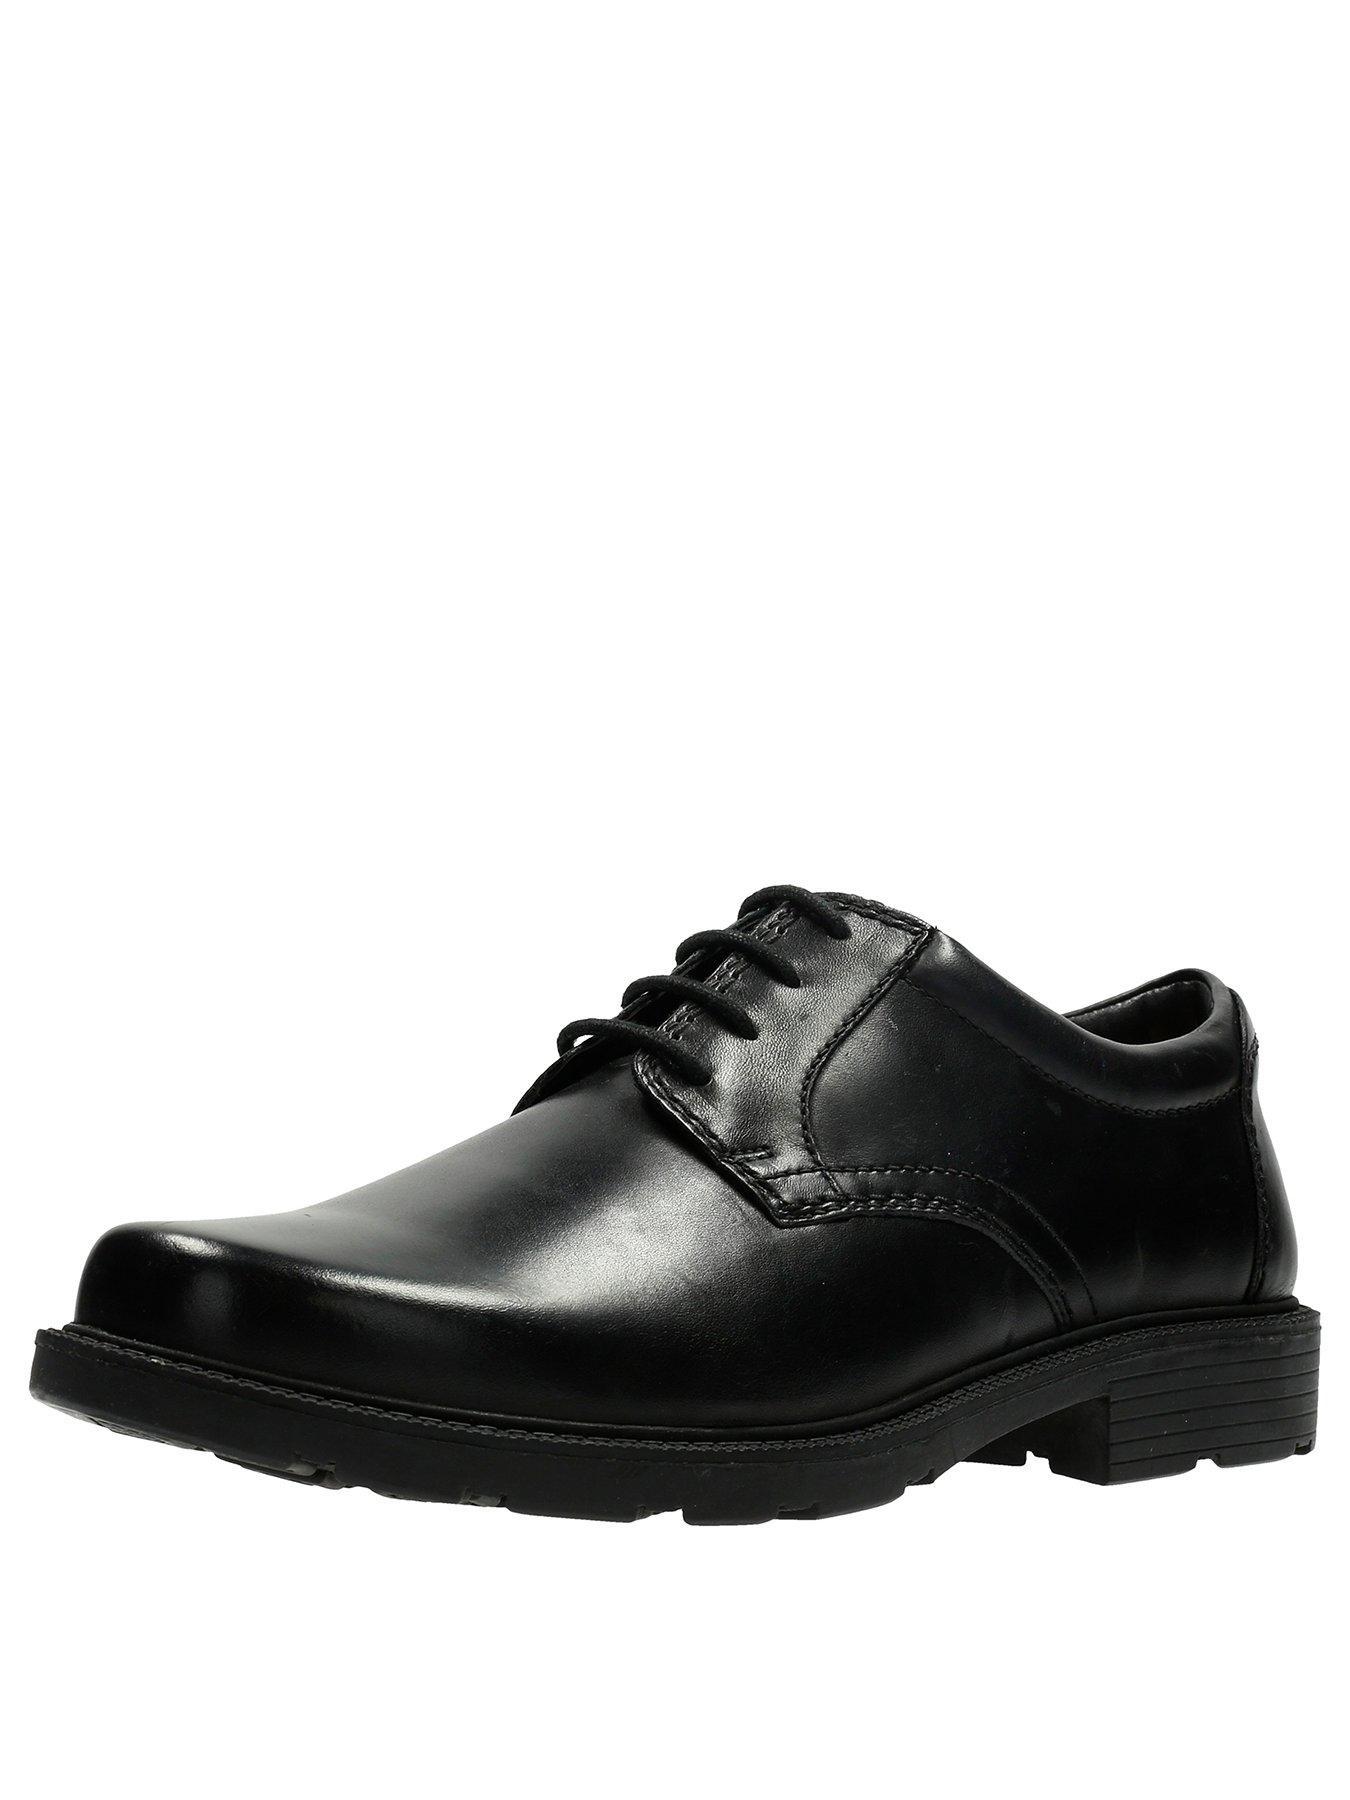 mens black formal shoes uk